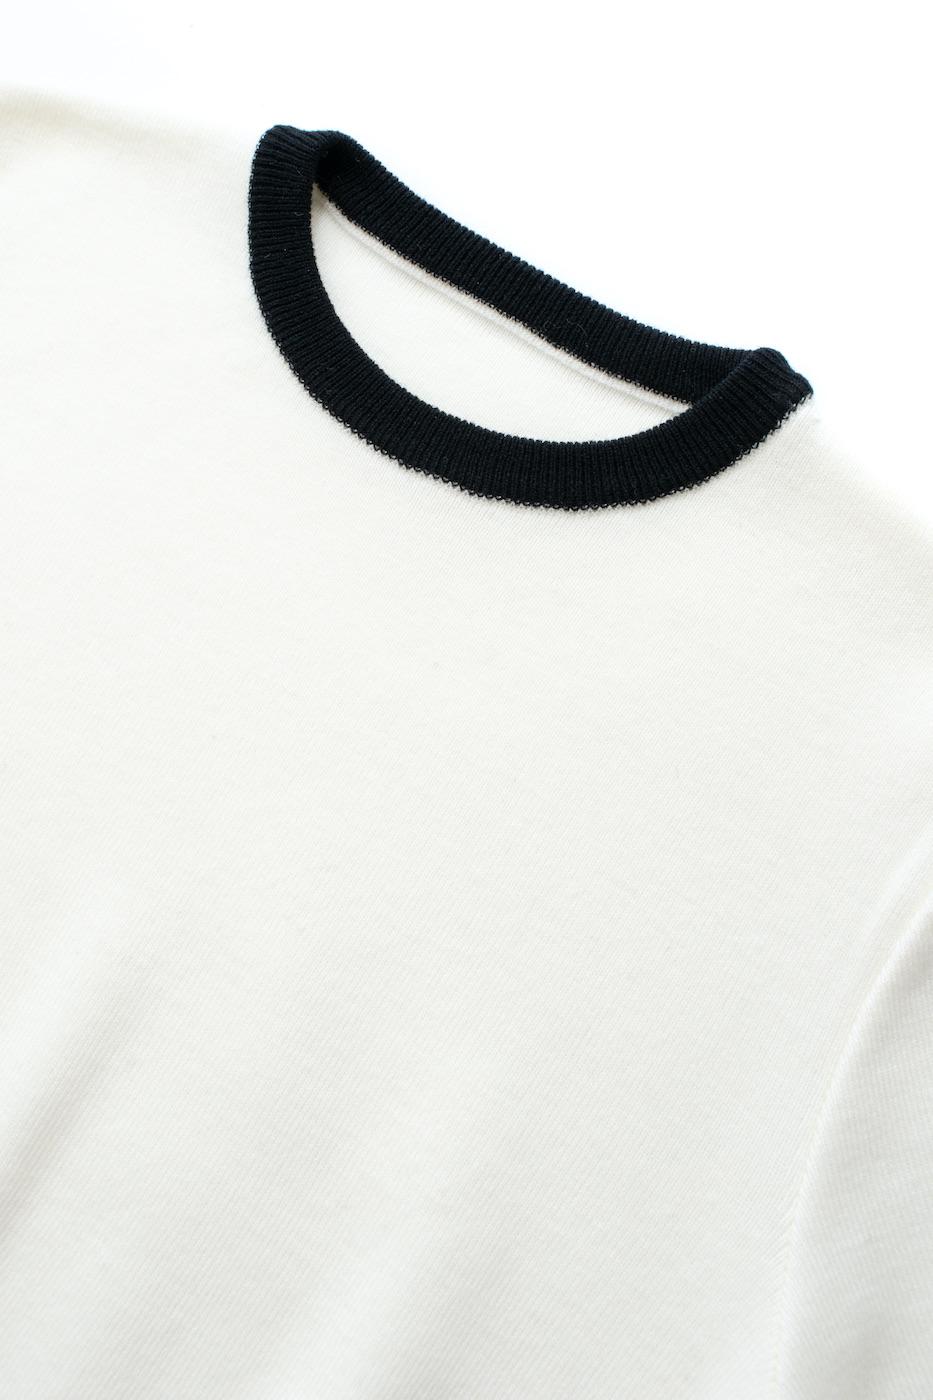 バイカラーニット/ホワイト【残り1点】